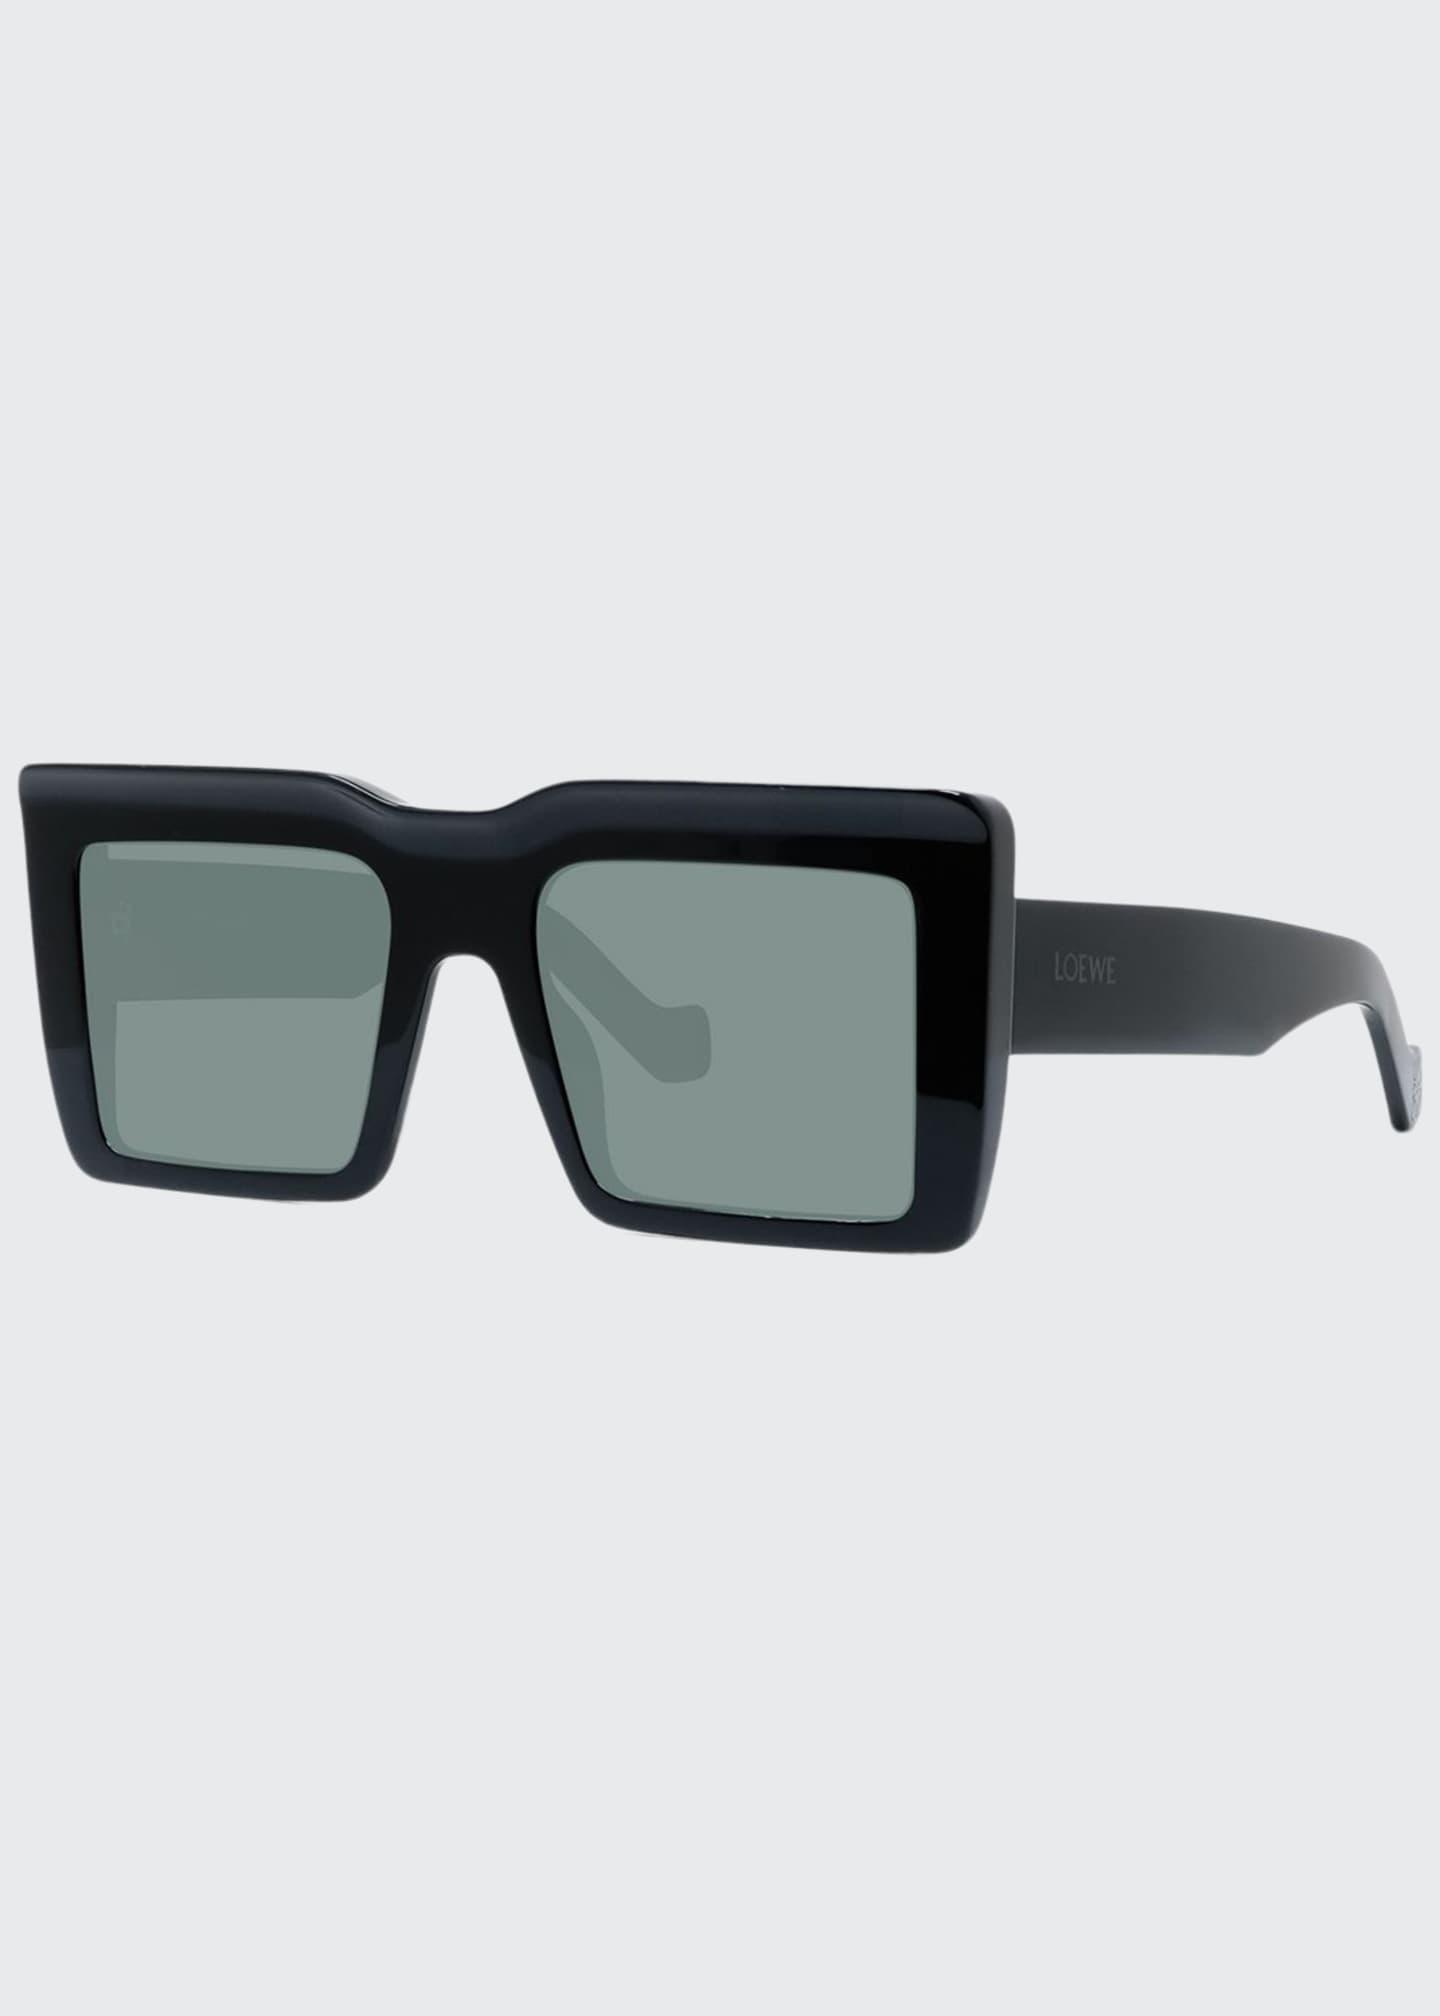 Loewe Monochromatic Square Acetate Sunglasses